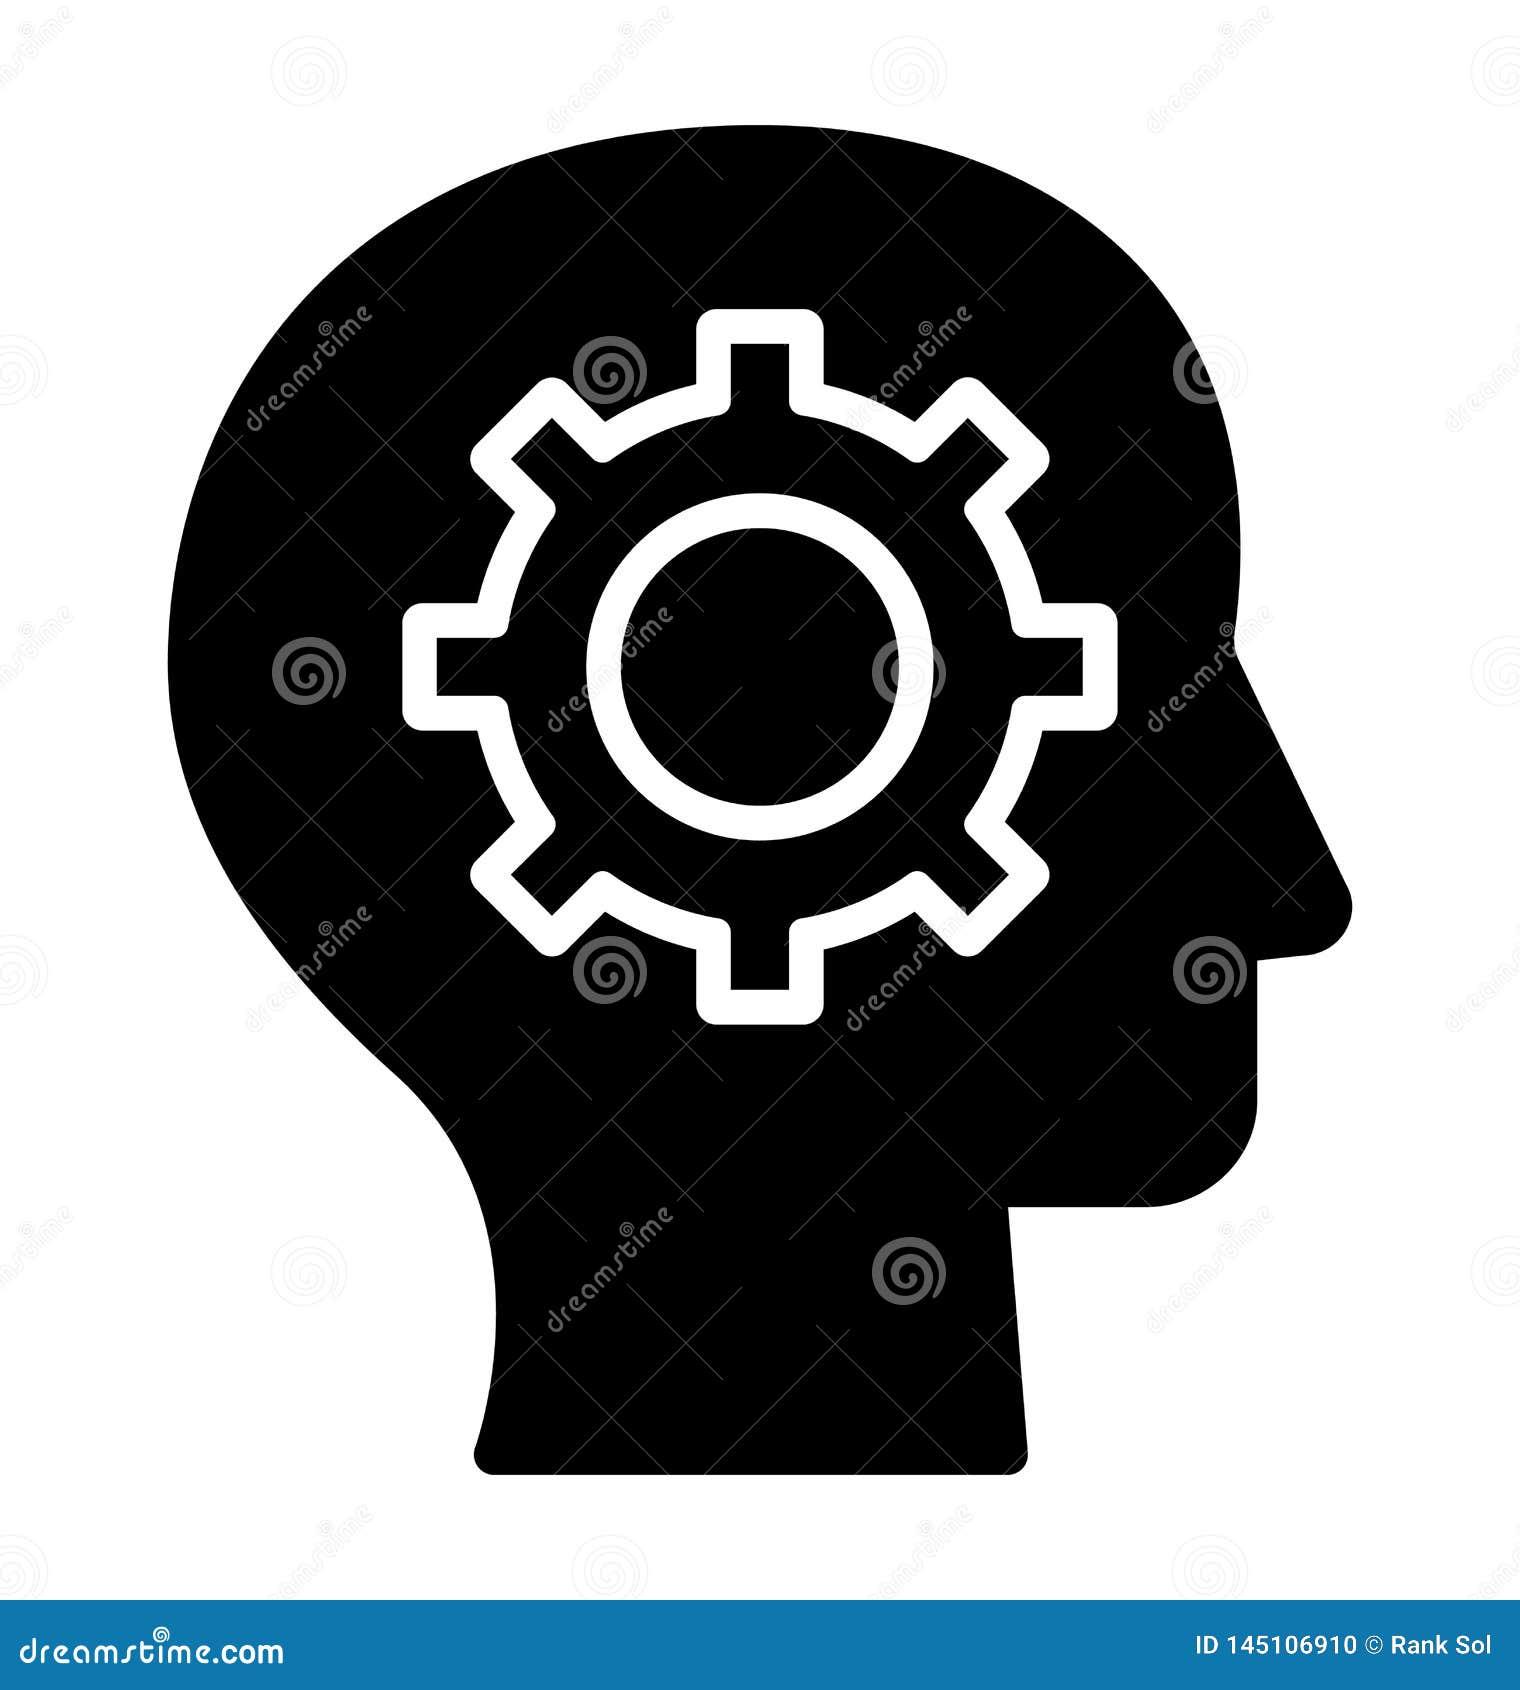 Запутанность документа изолировала значок вектора который может легко доработать или отредактировать